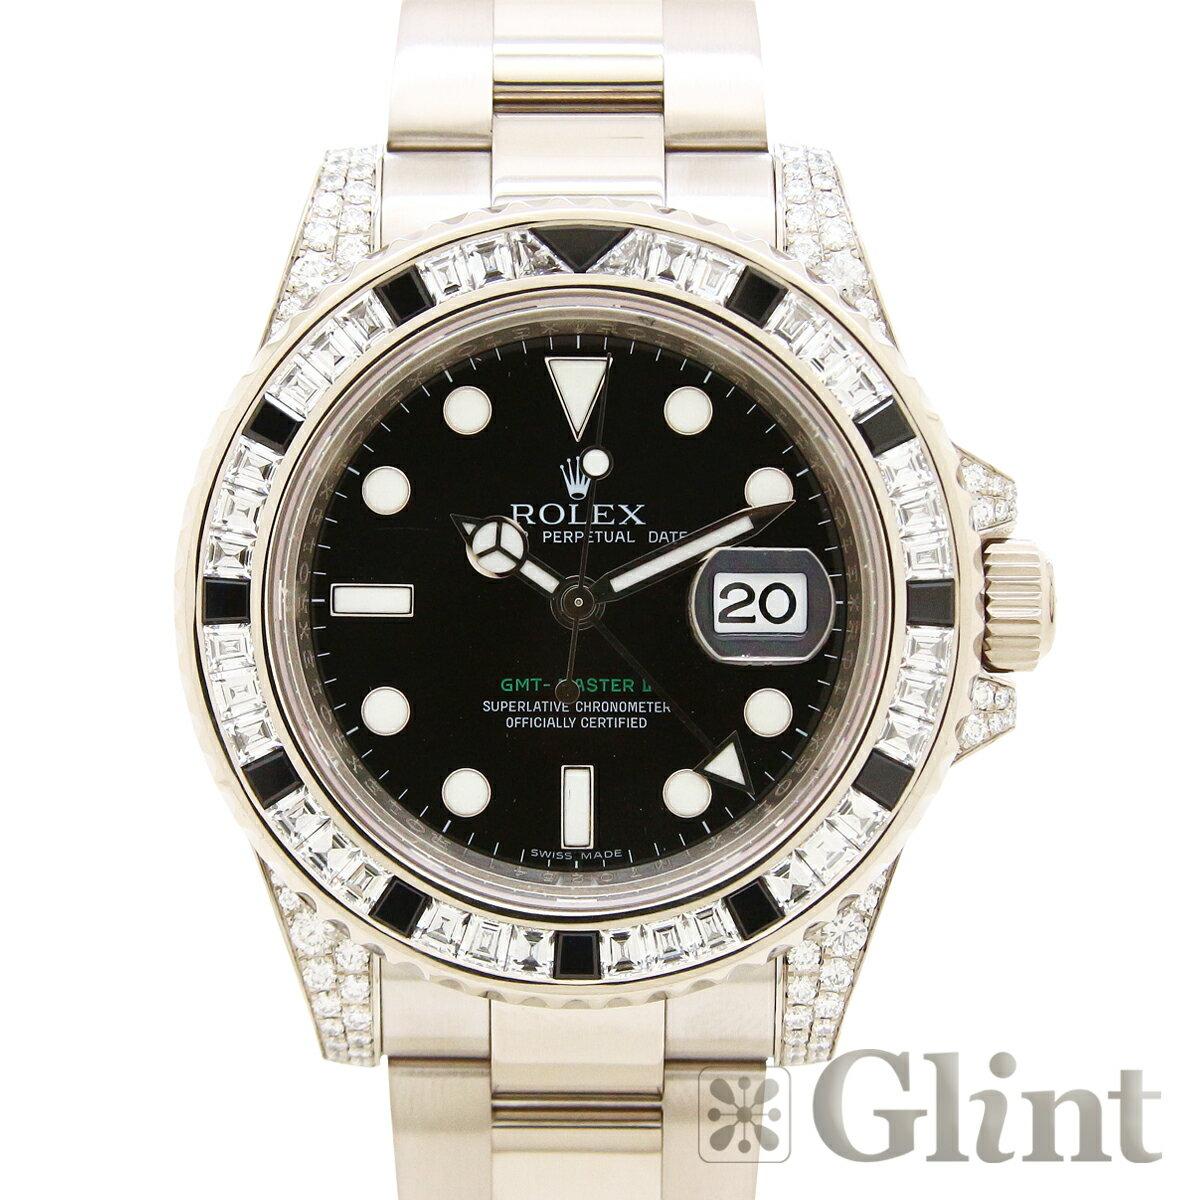 ロレックス ROLEX GMTマスター2 116759SANR〔バゲットダイヤモンド&ブラックサファイヤ〕〔腕時計〕〔メンズ〕〔純正品〕〔18Kホワイトゴールド〕【中古】